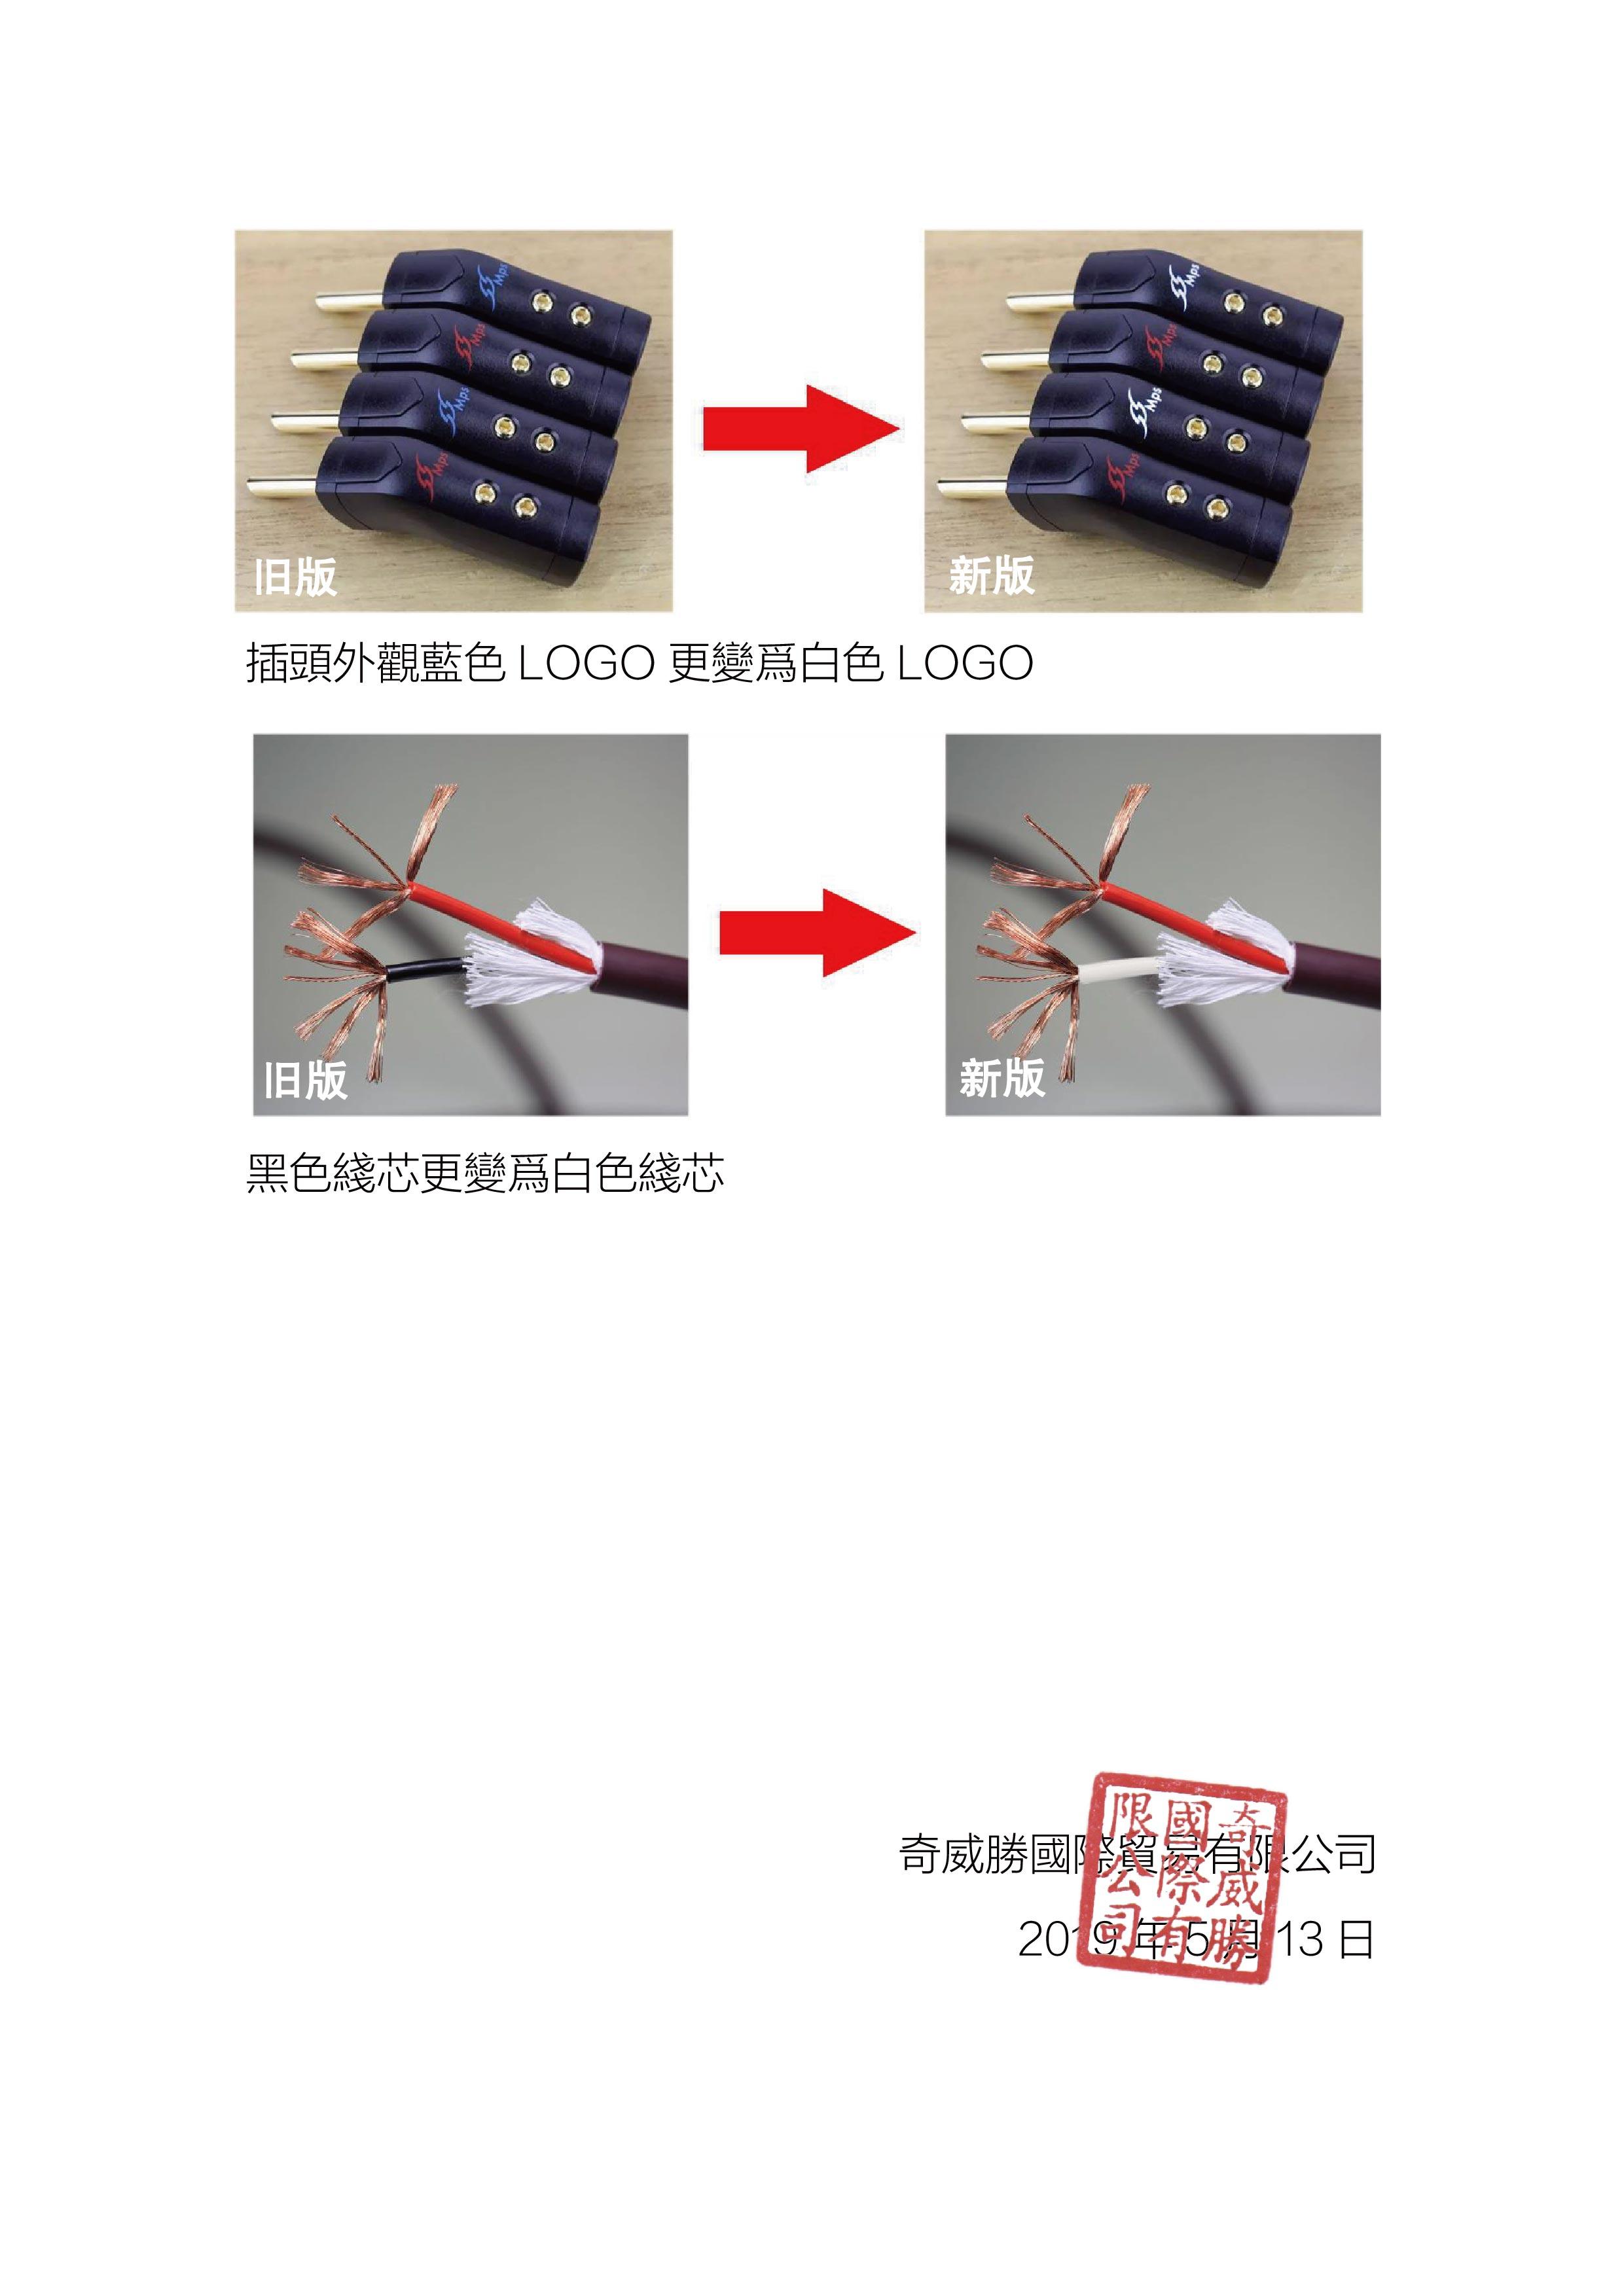 外观LOGO及线芯颜色更变公告